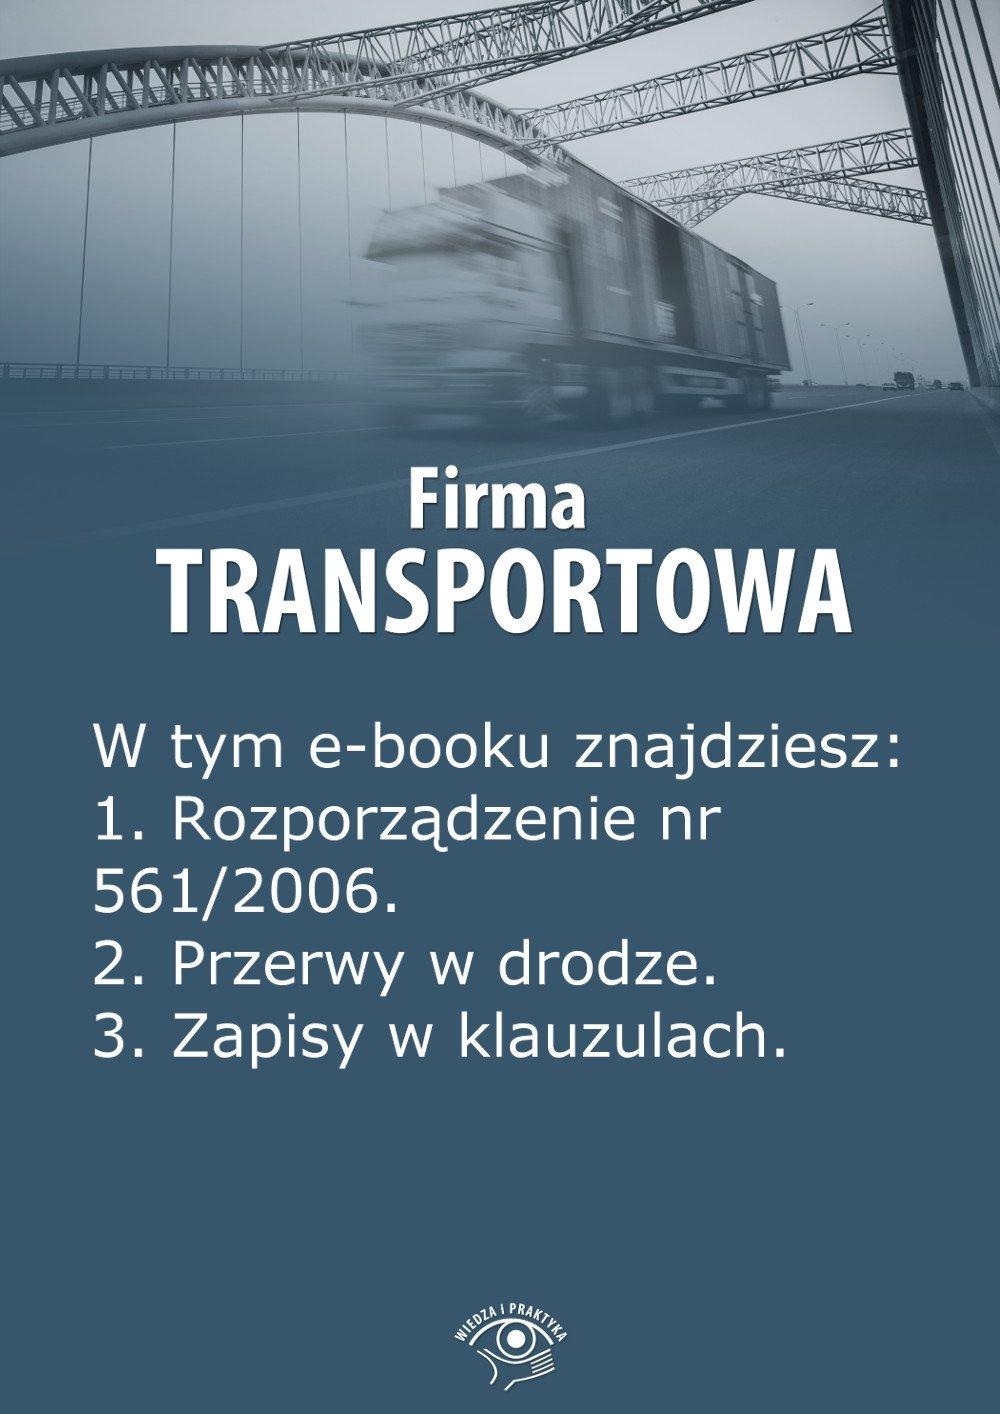 Firma transportowa. Wydanie maj 2014 r. - Ebook (Książka EPUB) do pobrania w formacie EPUB